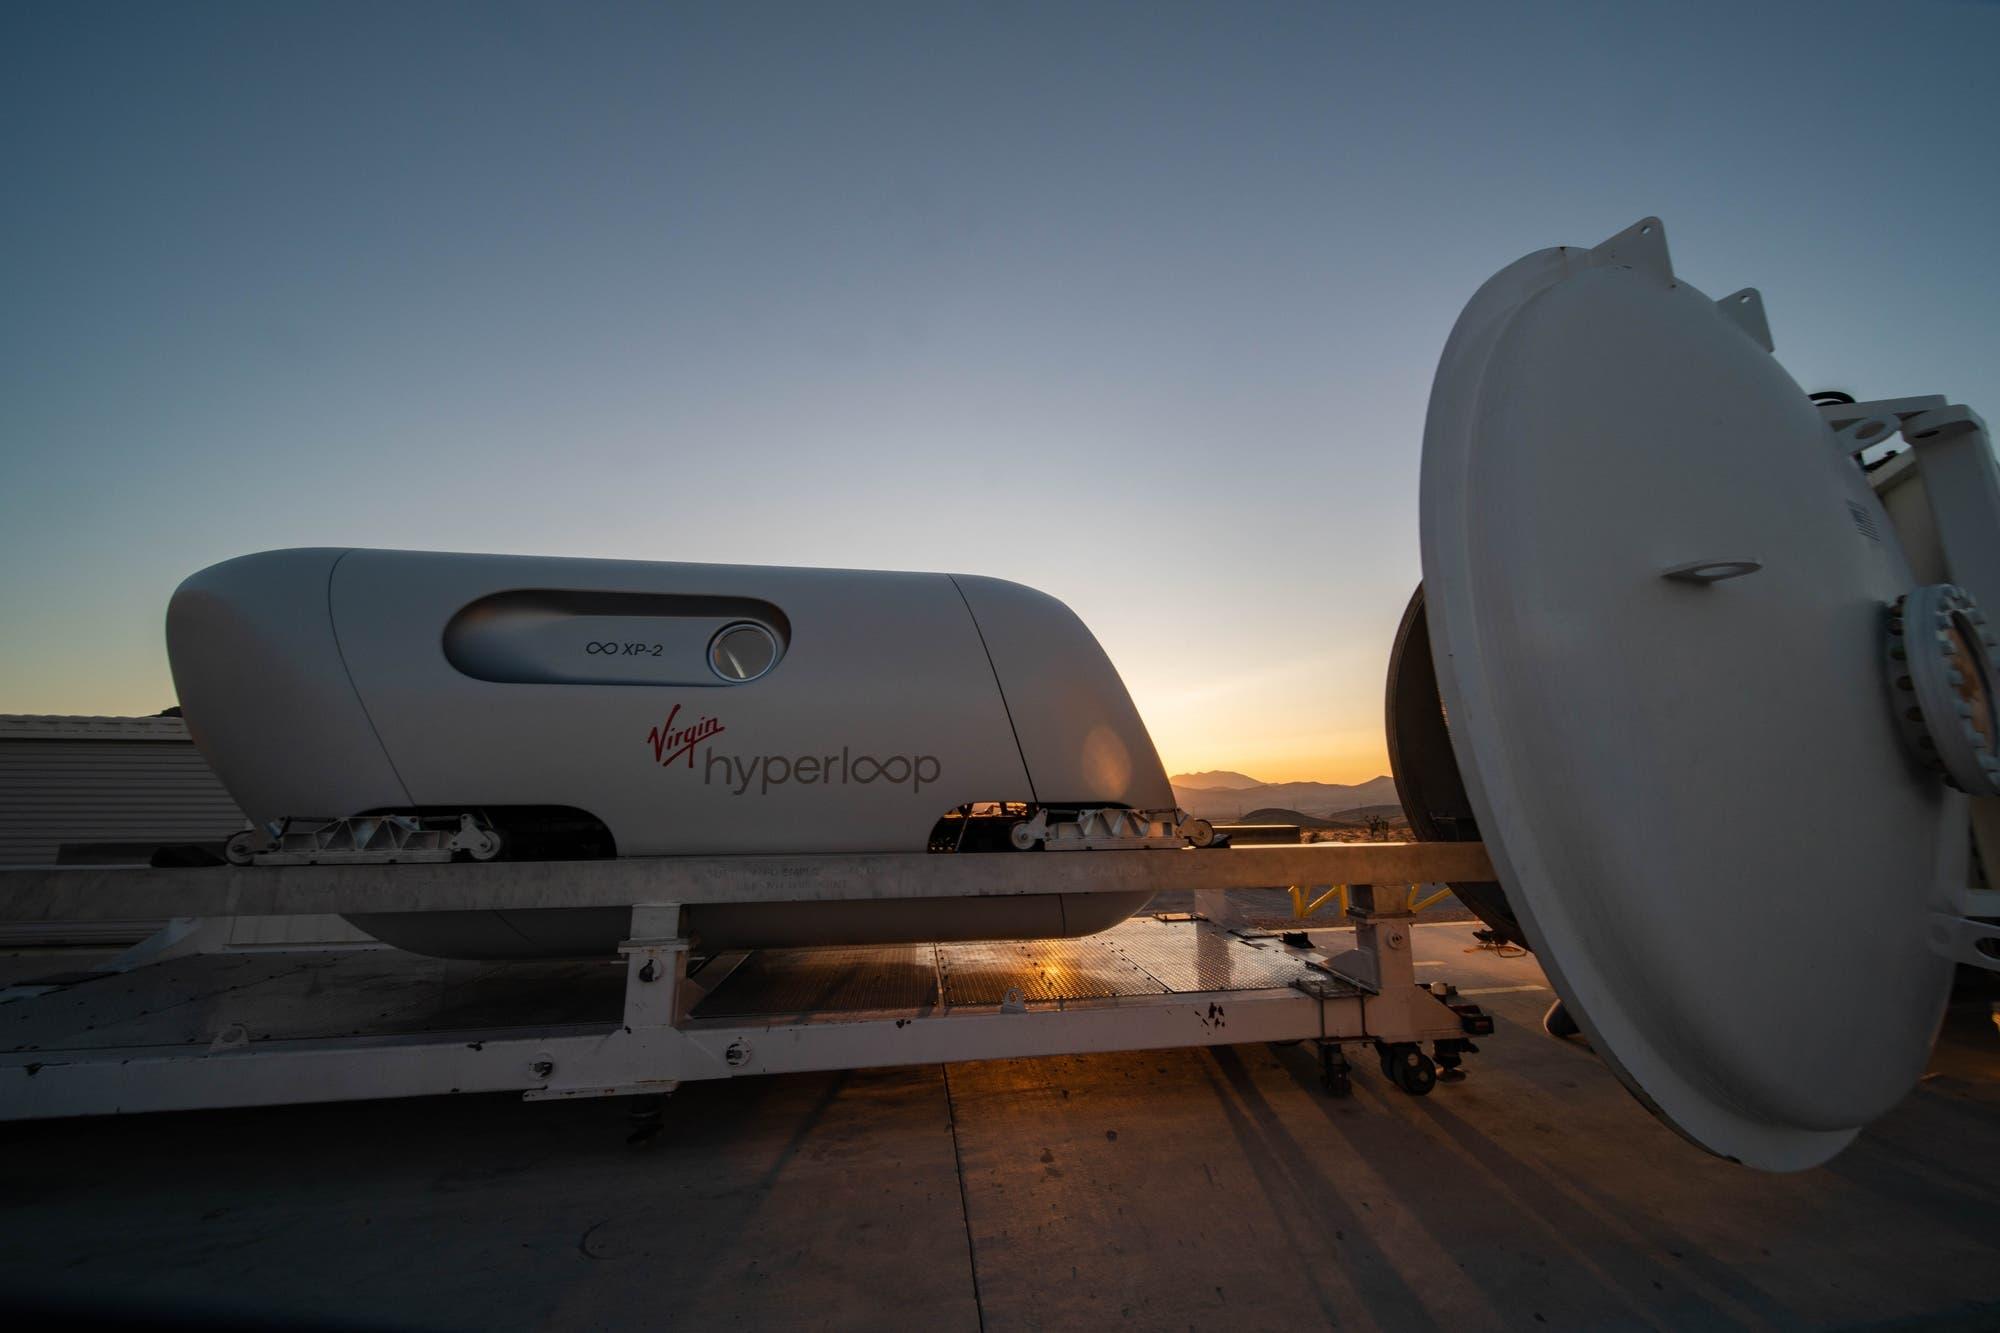 Virgin Hyperloop realiza primera prueba con pasajeros de su tren elevado ultrarrápido